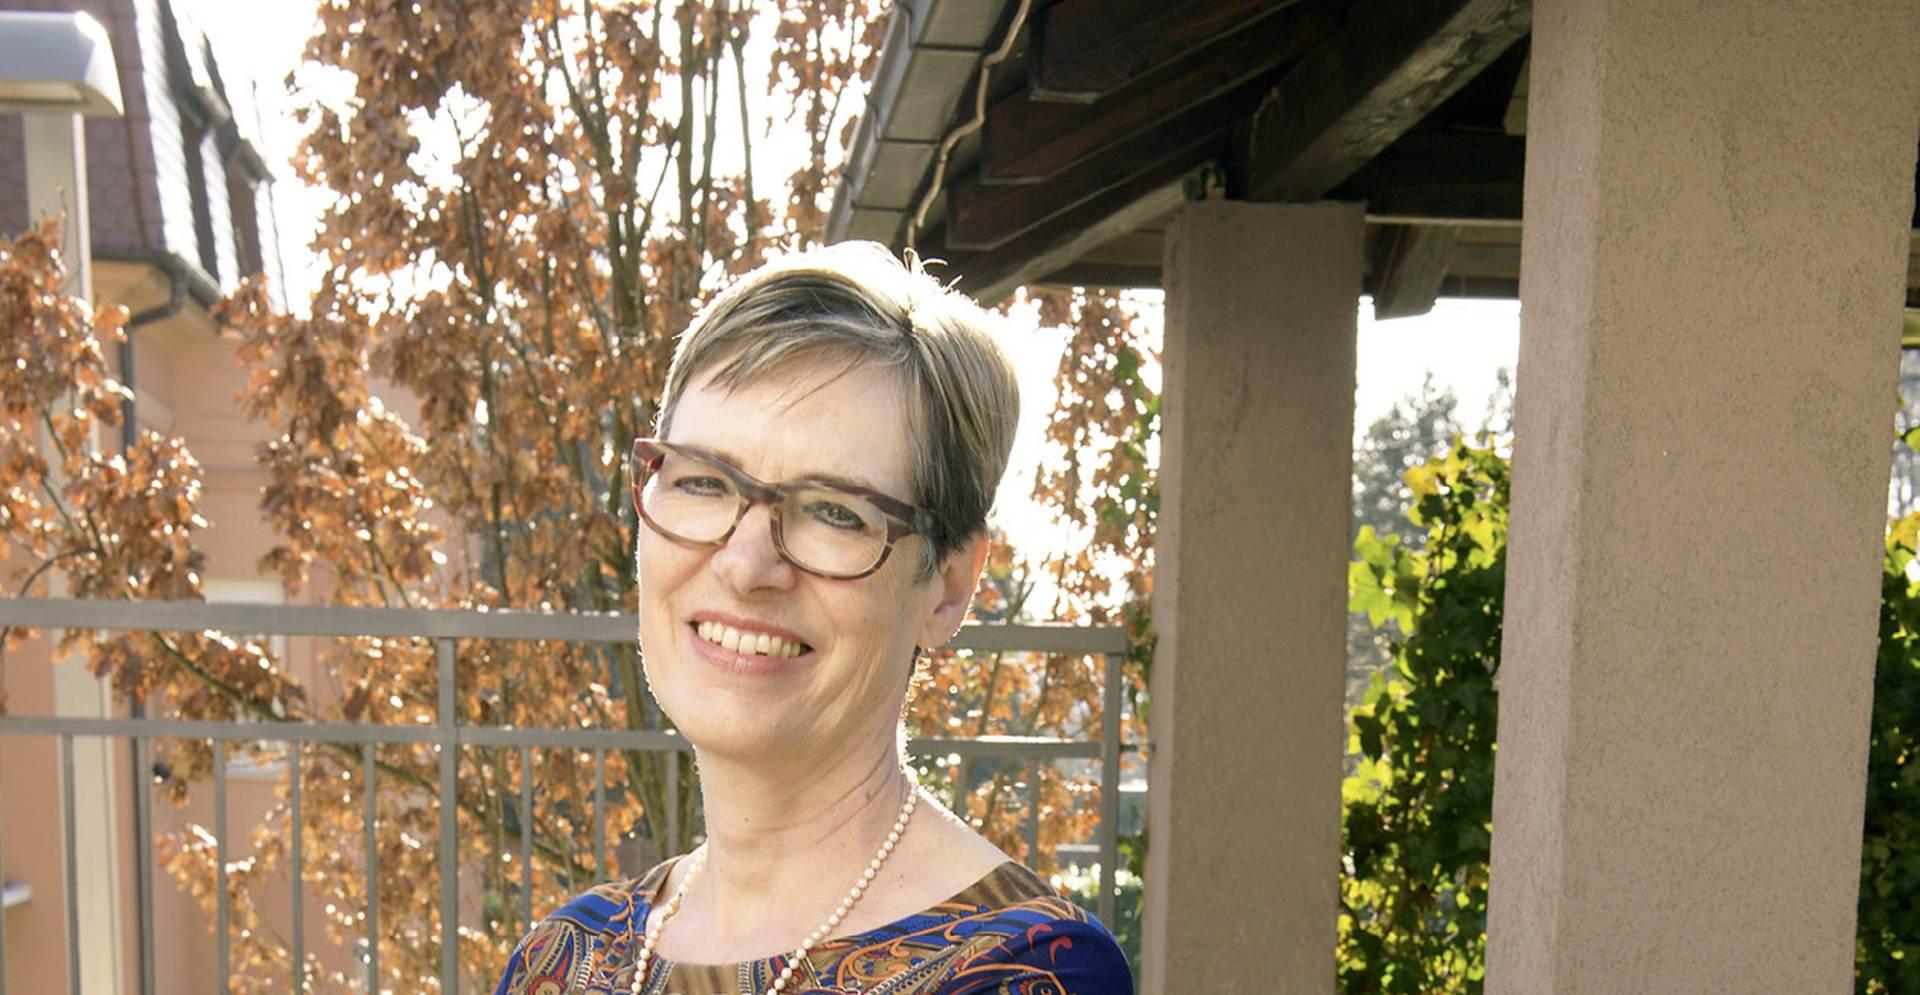 INTERVIEW: ELLEN BERENDS 'Vrijedi čekati jer su temeljiti pregovori put prema stabilnoj vladi'